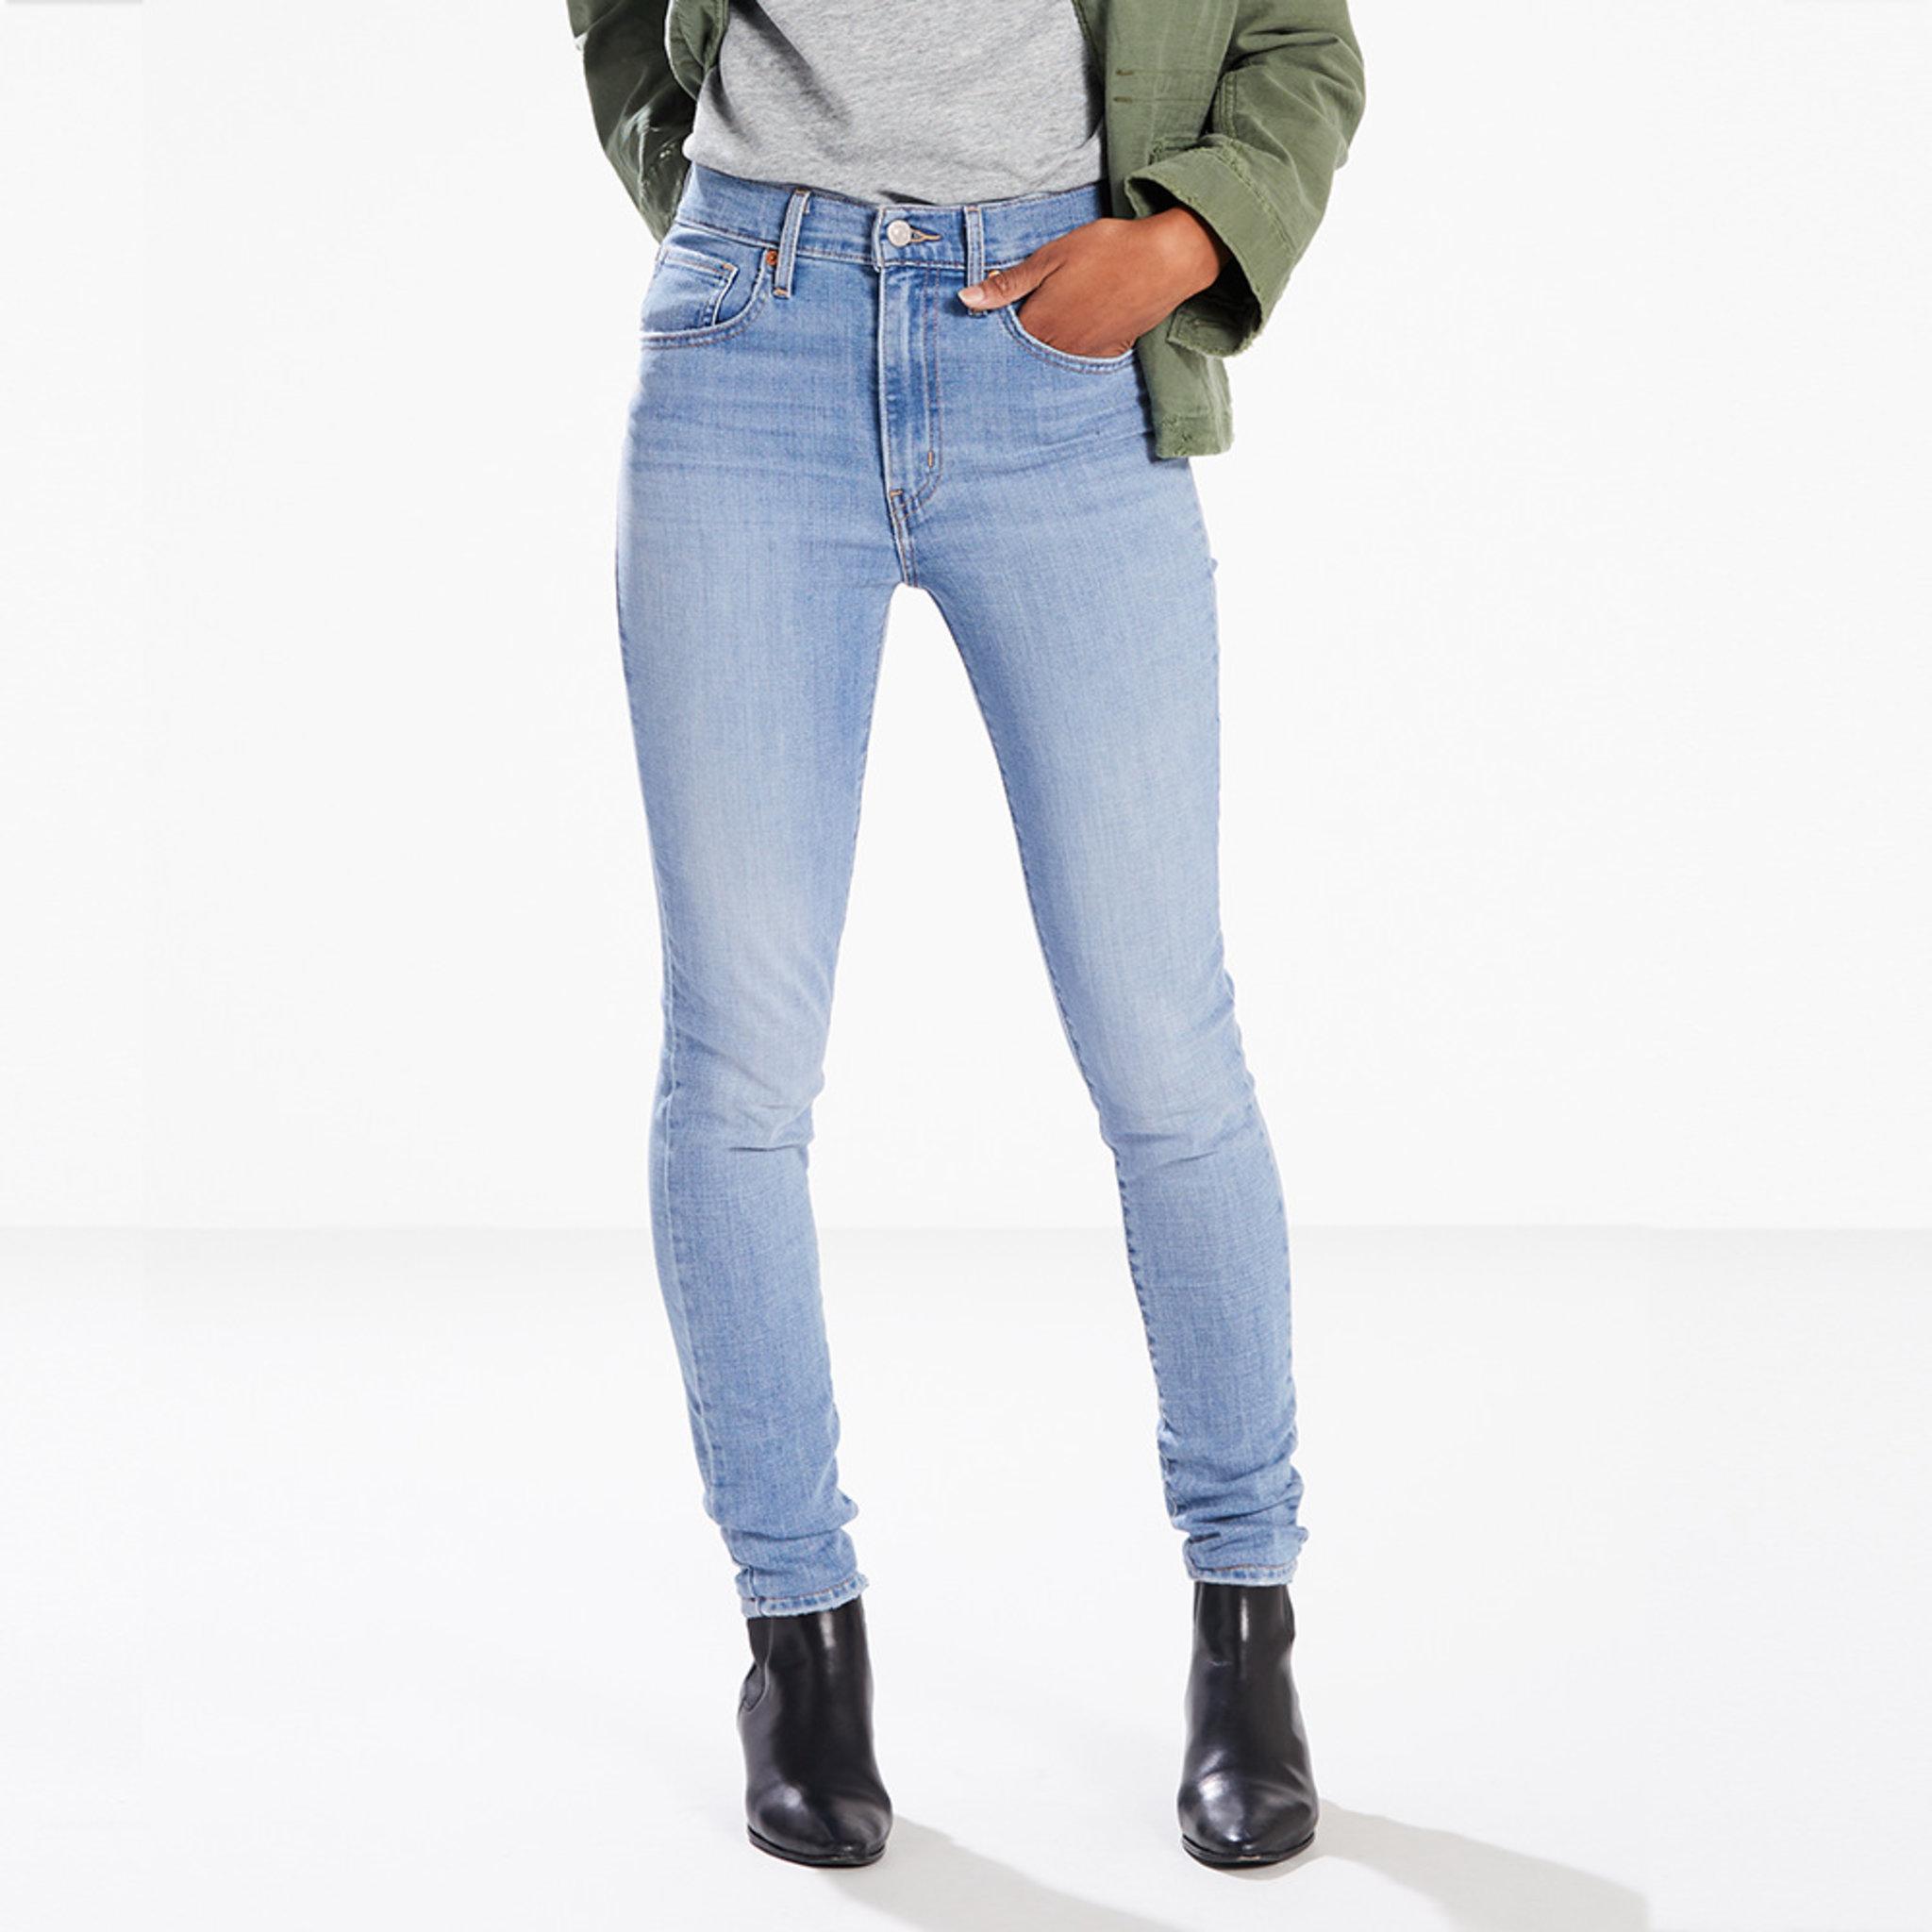 Mile High Hypersculpt Super Skinny Jeans - Jeans - Köp online på åhlens.se! 8dce0367b620d